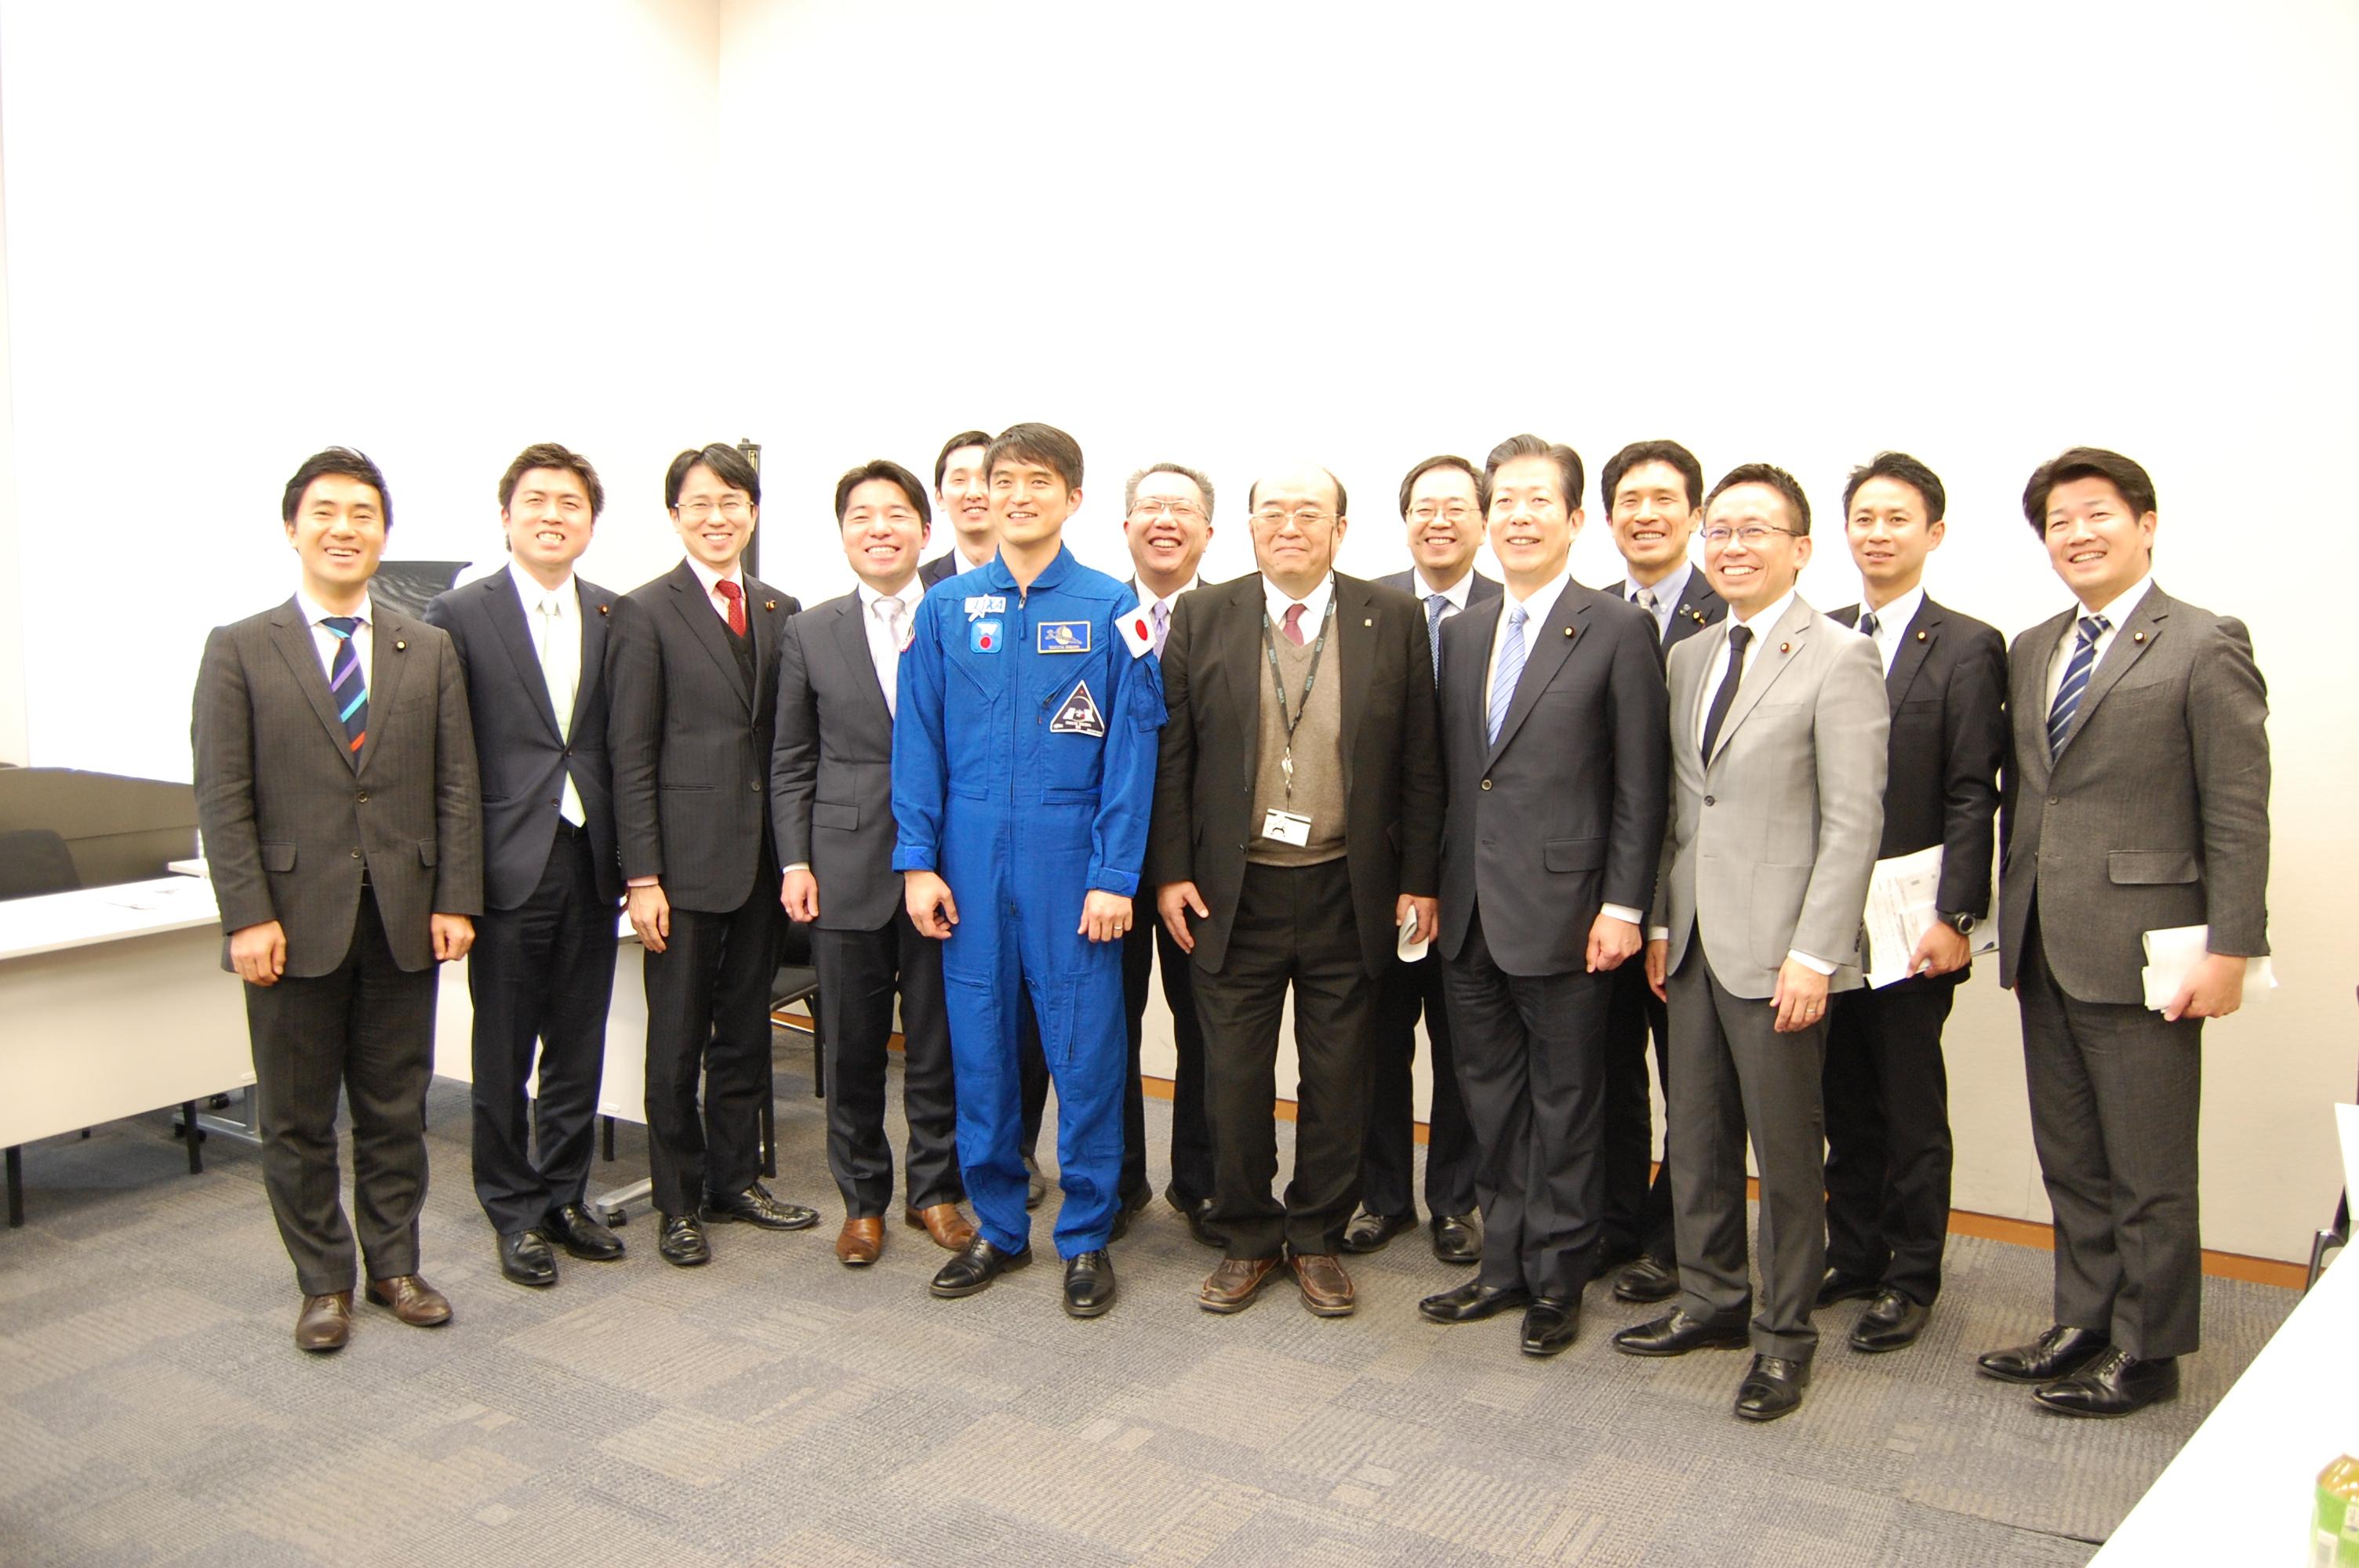 理研の森田氏、大西宇宙飛行士と対談